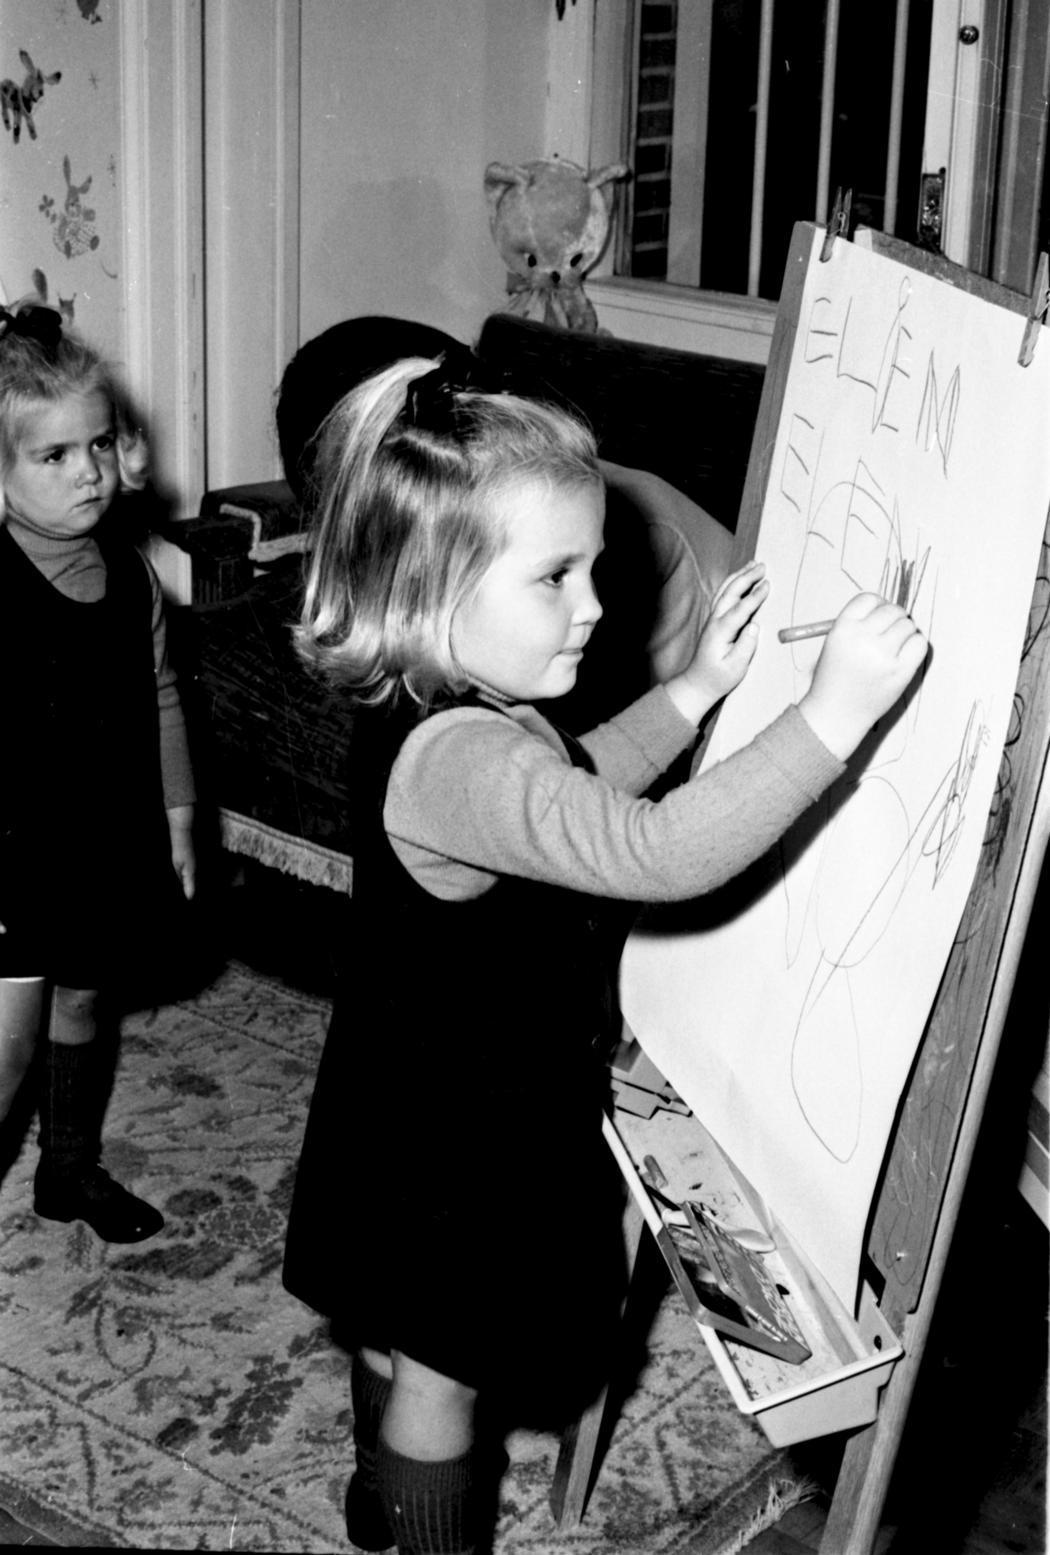 Elena aprende a escribir su nombre